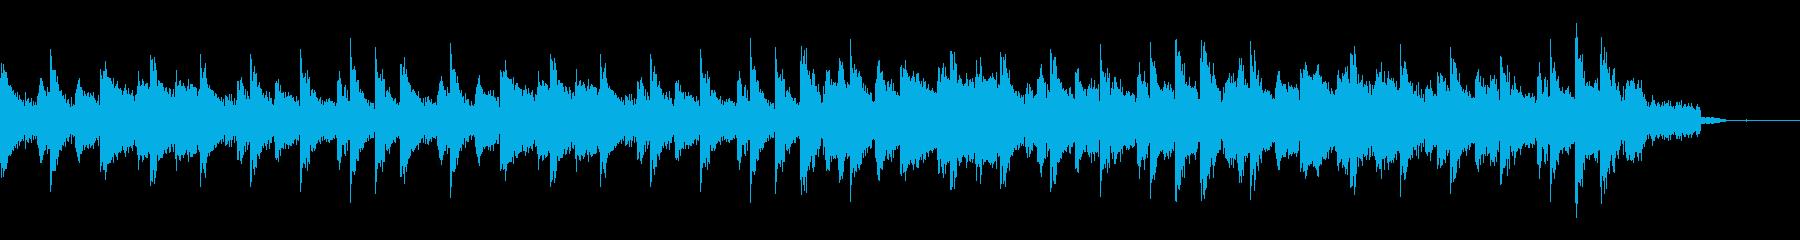 アコギとEDM調ボイスジングルの再生済みの波形